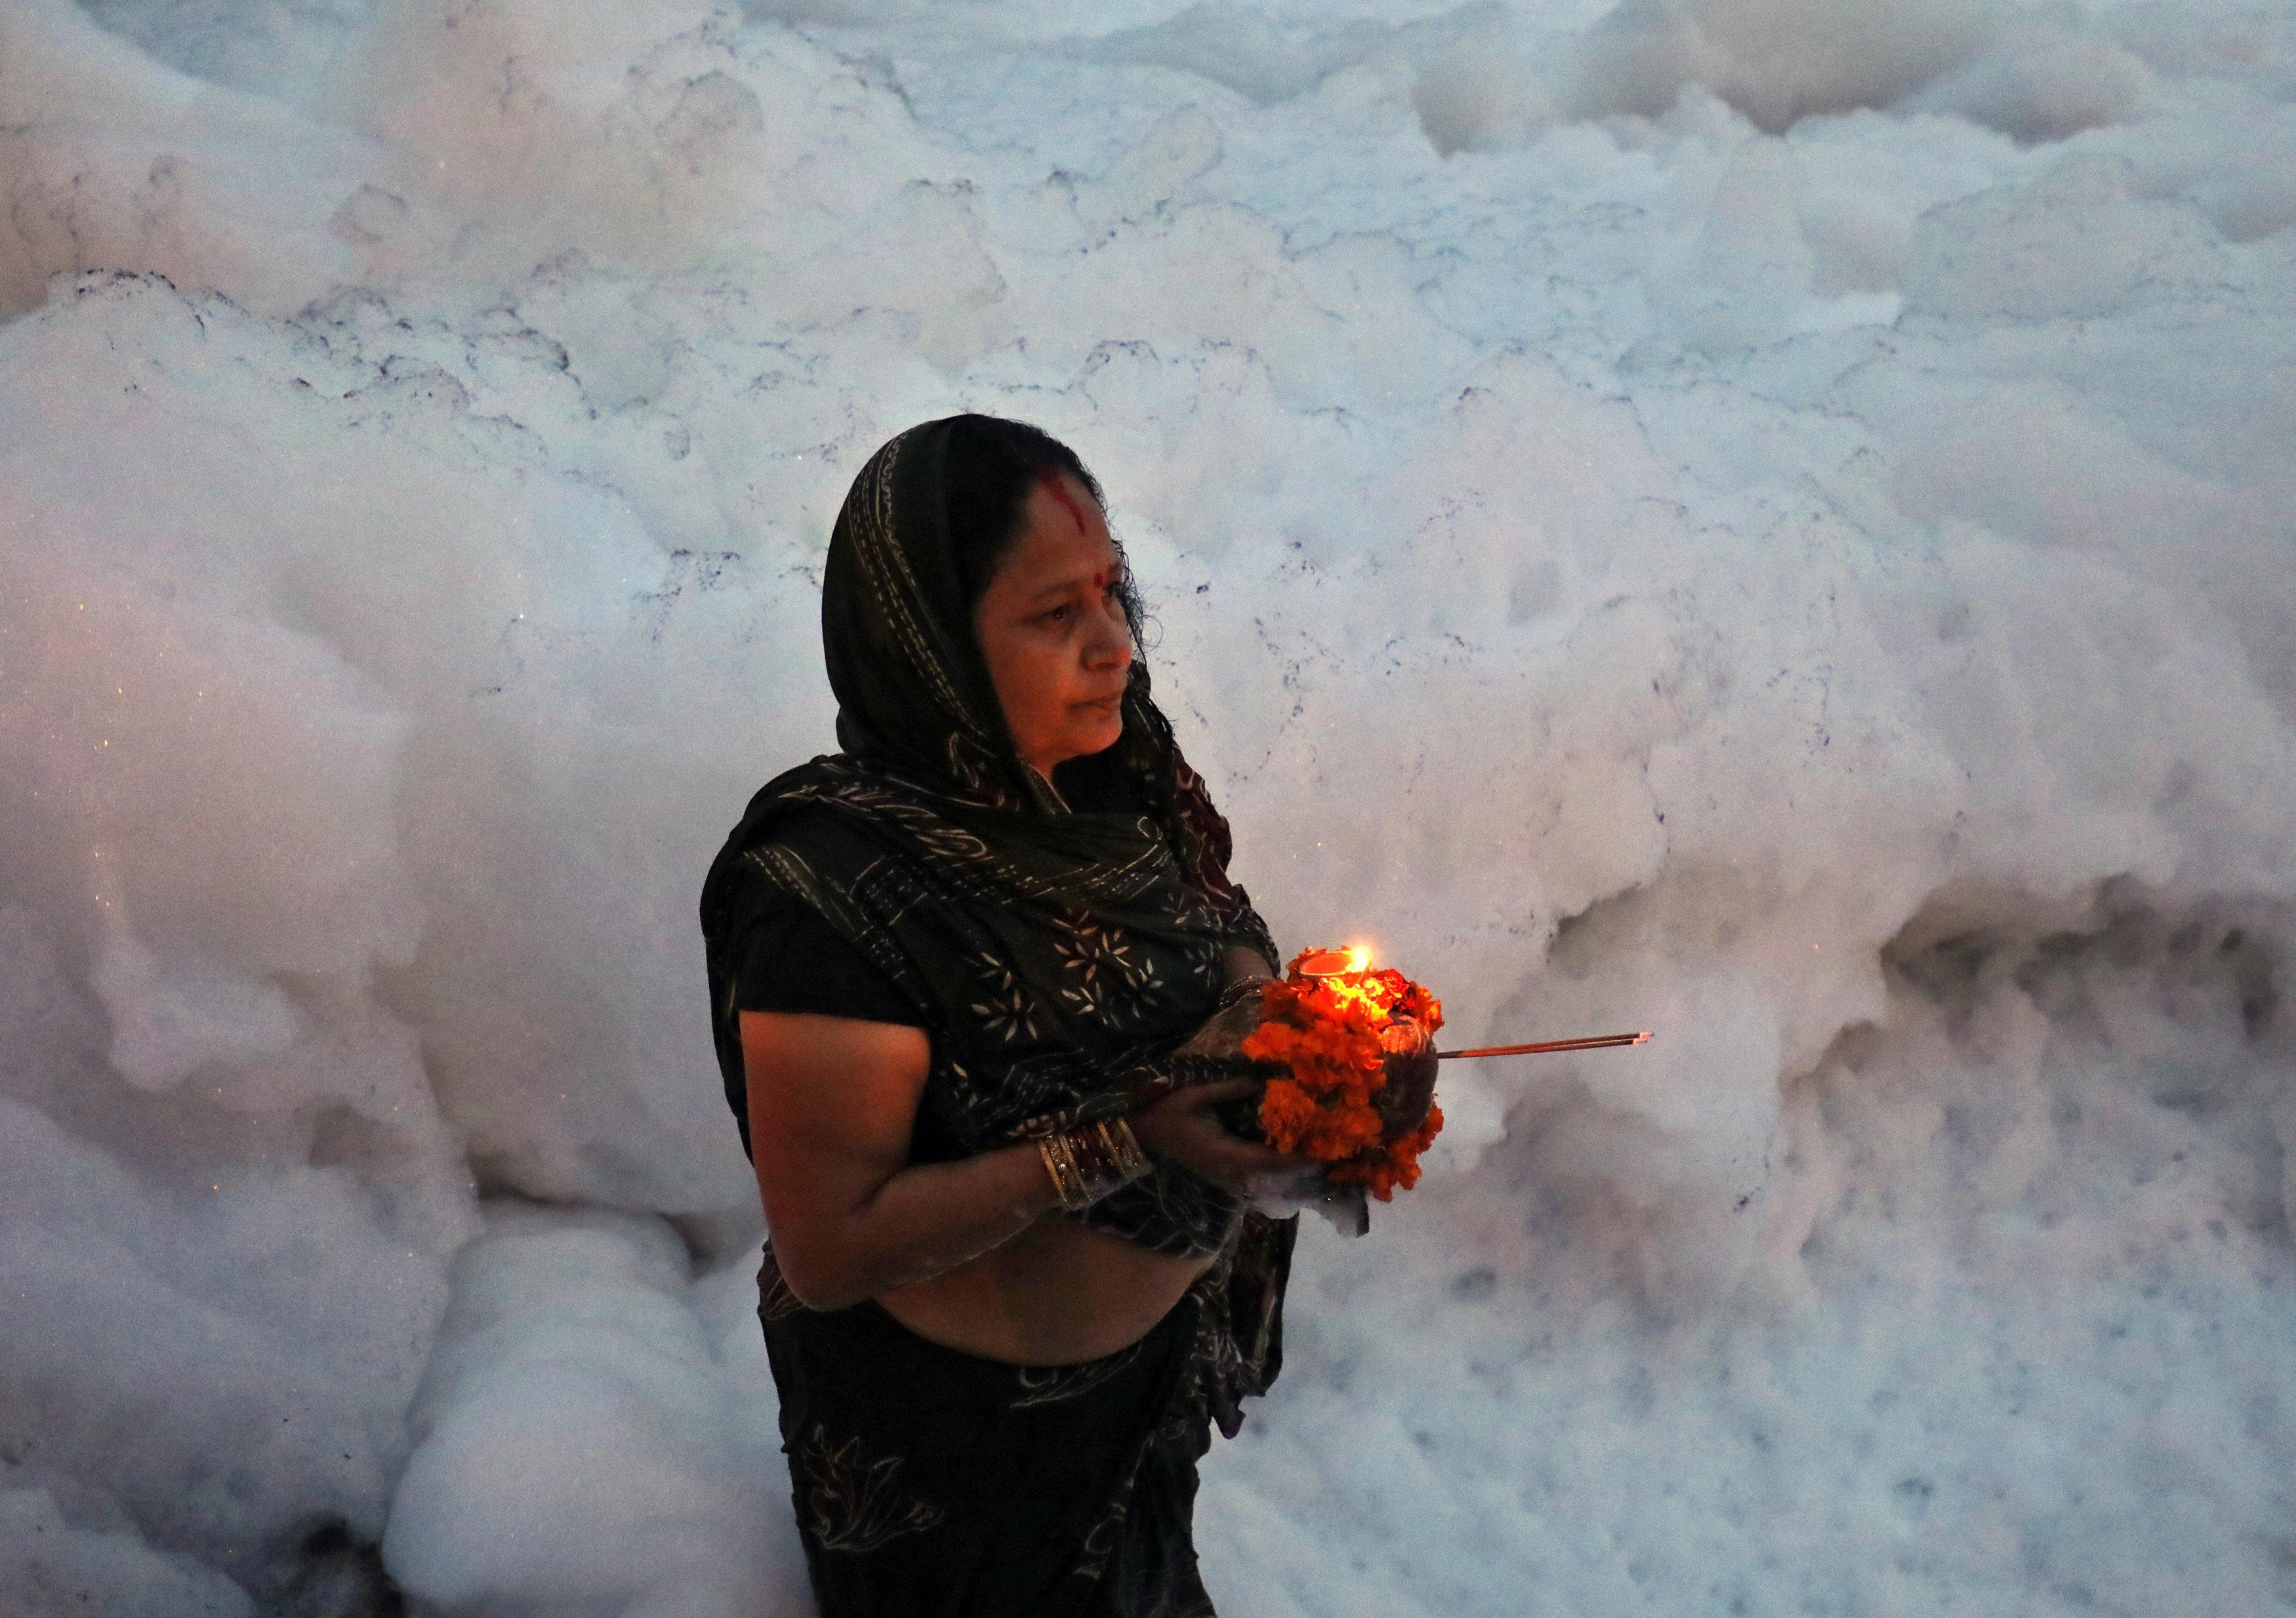 امرأة هندوسية من عبدة إله الشمس تحمل الشمع عند نهر يامانو